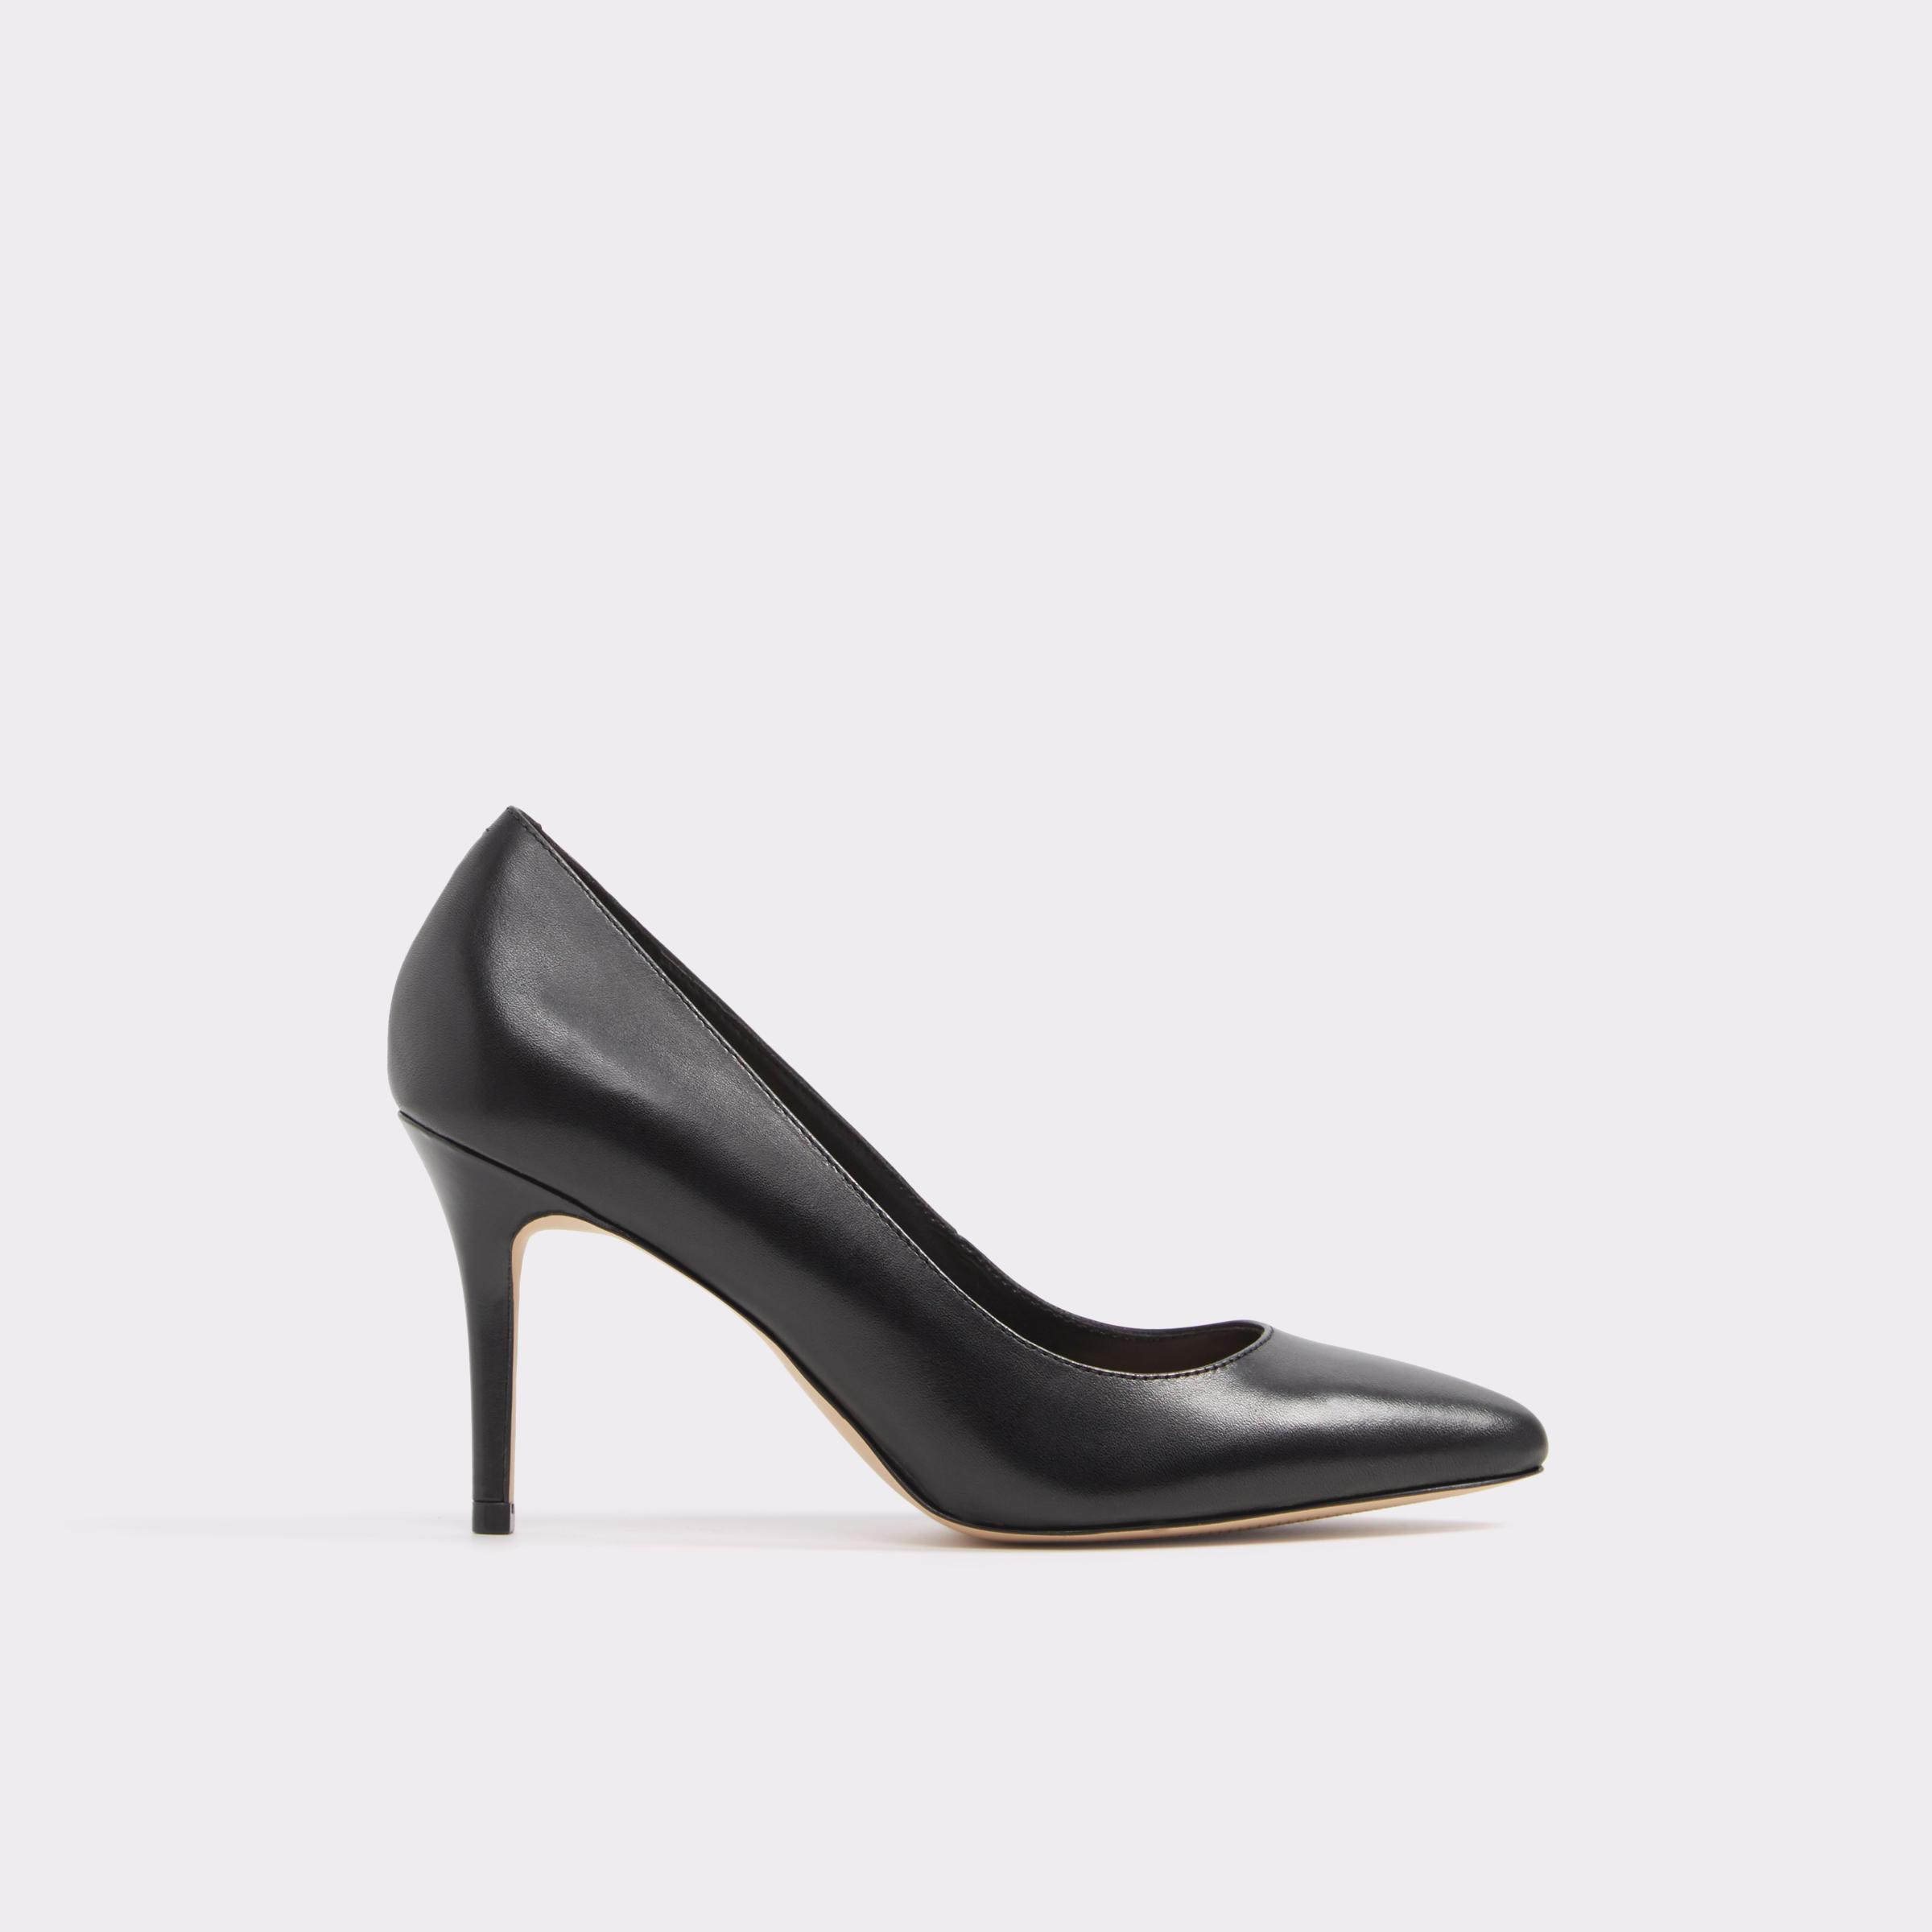 Pantofi negri, de dama, ALDO - Kedir97, din piele naturala